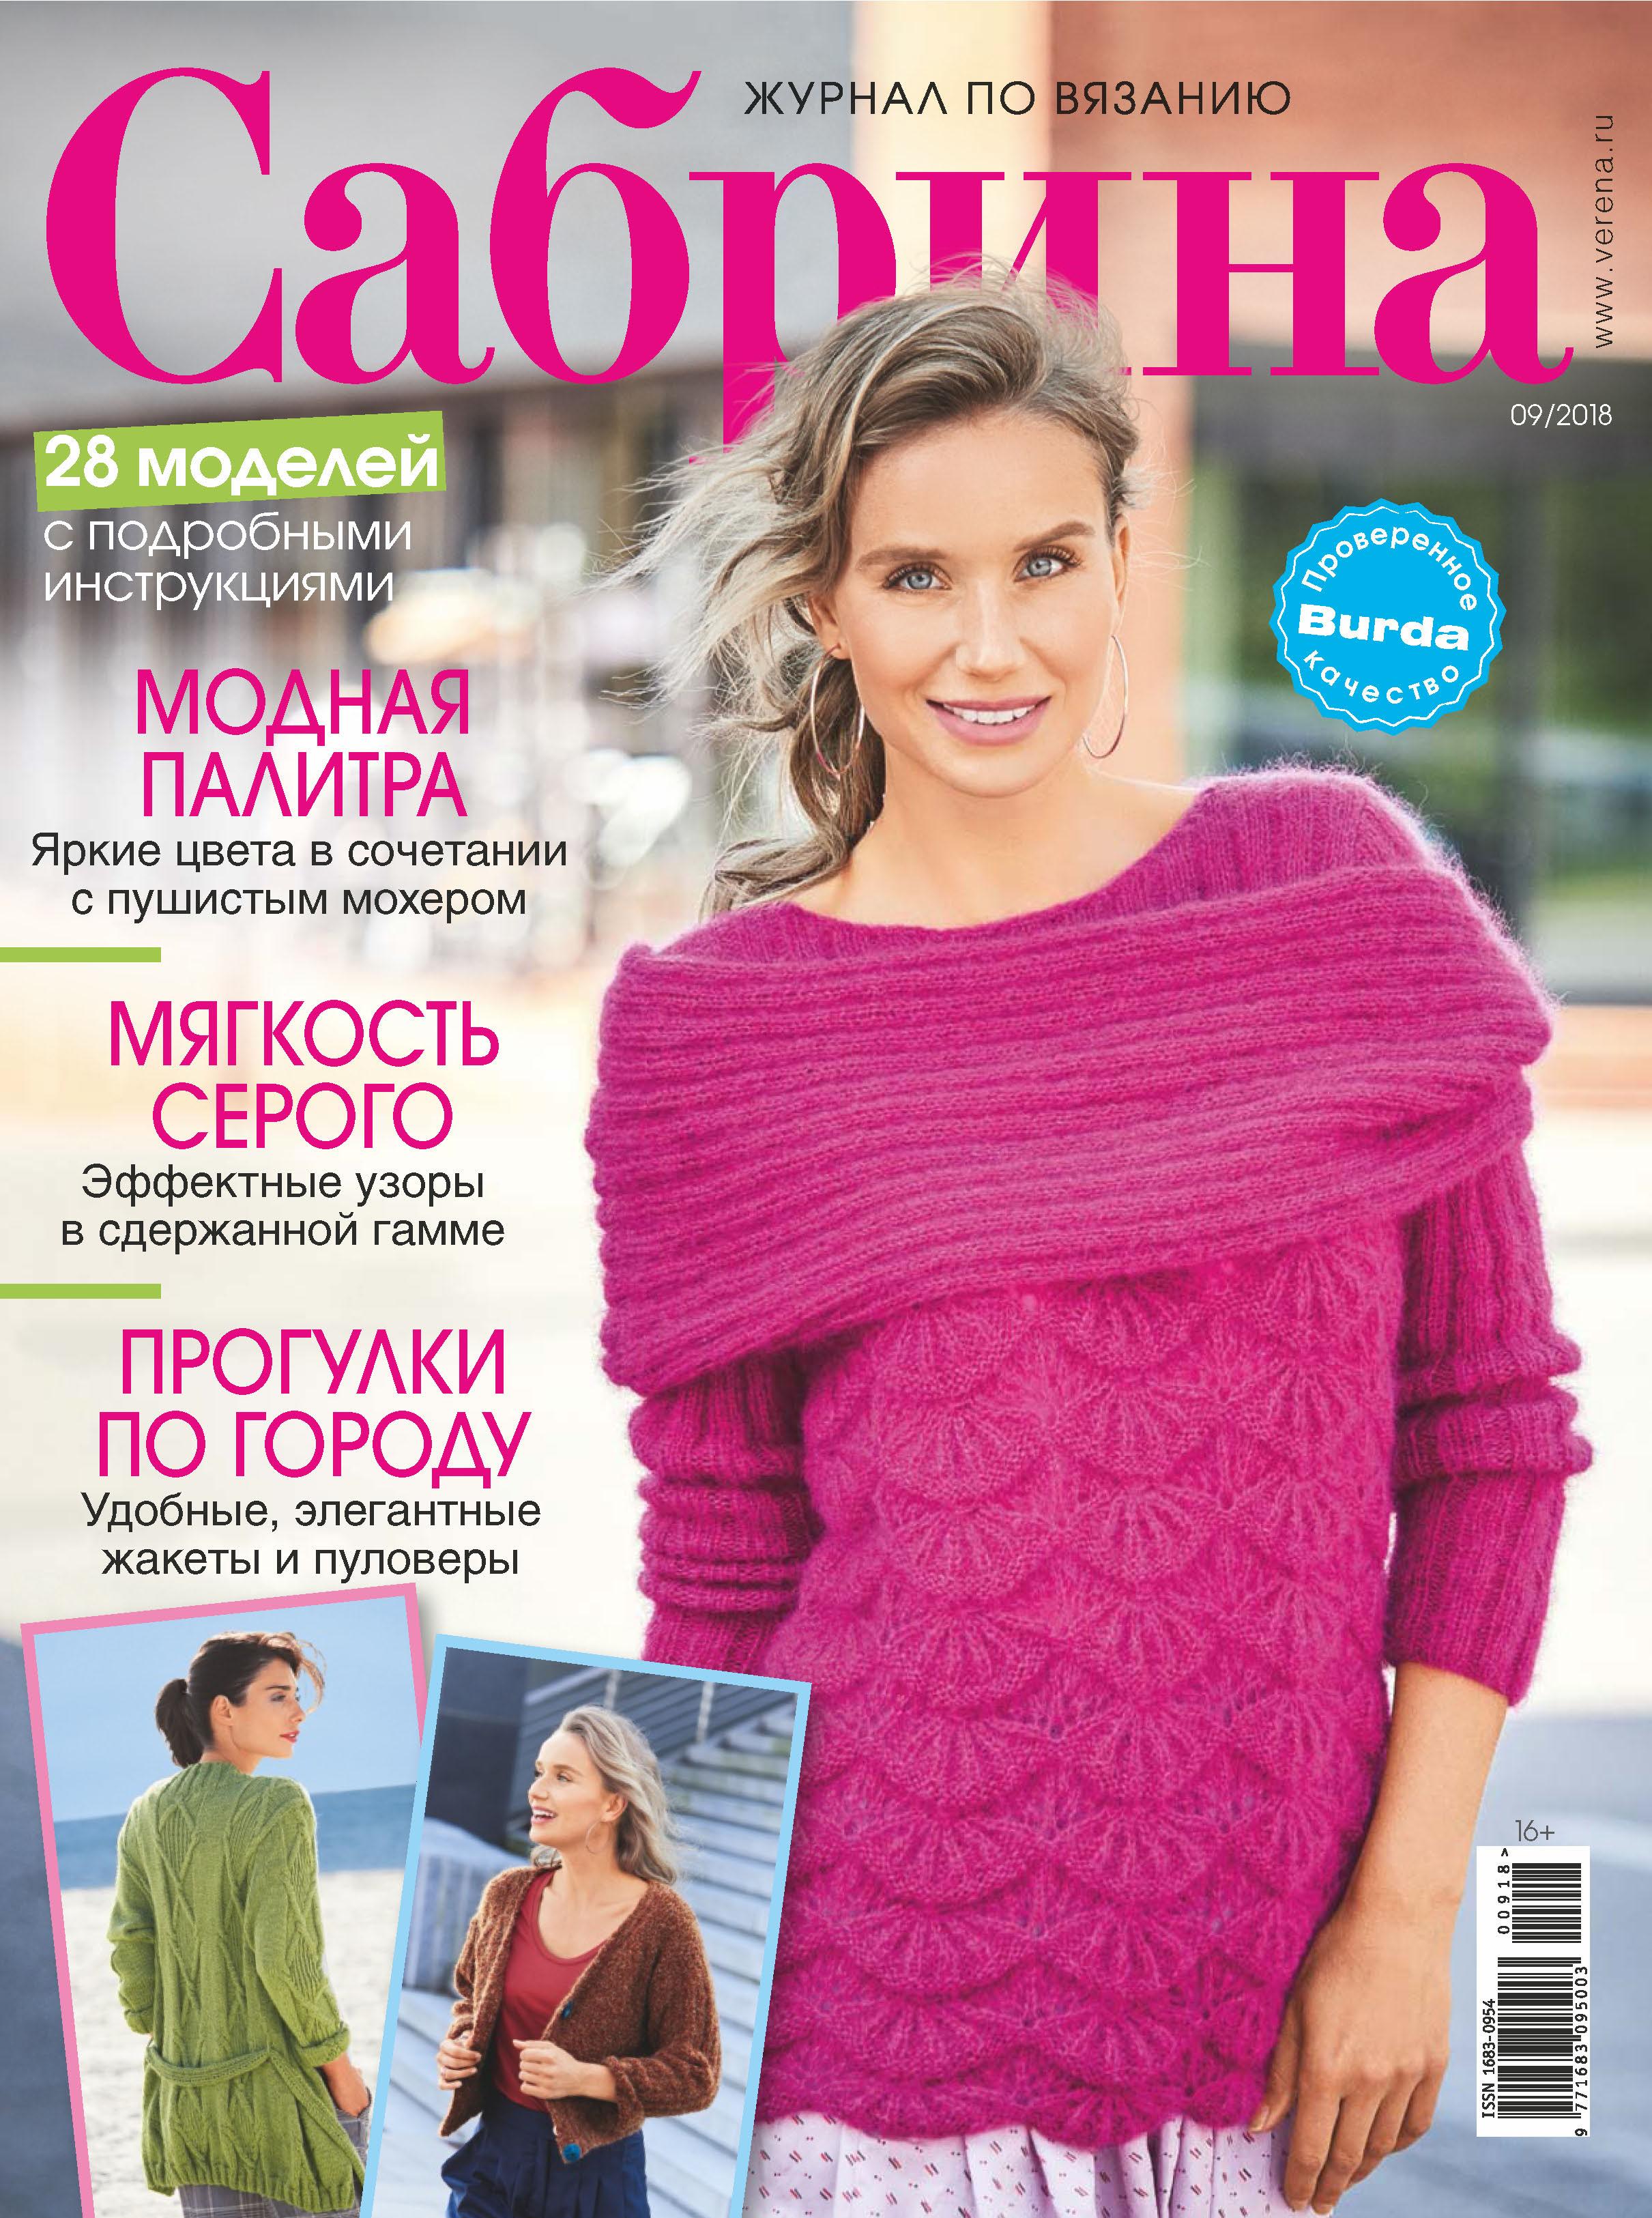 Сабрина. Журнал по вязанию. №09 2018 – скачать pdf на ЛитРес, t4 b3dd411fc0a